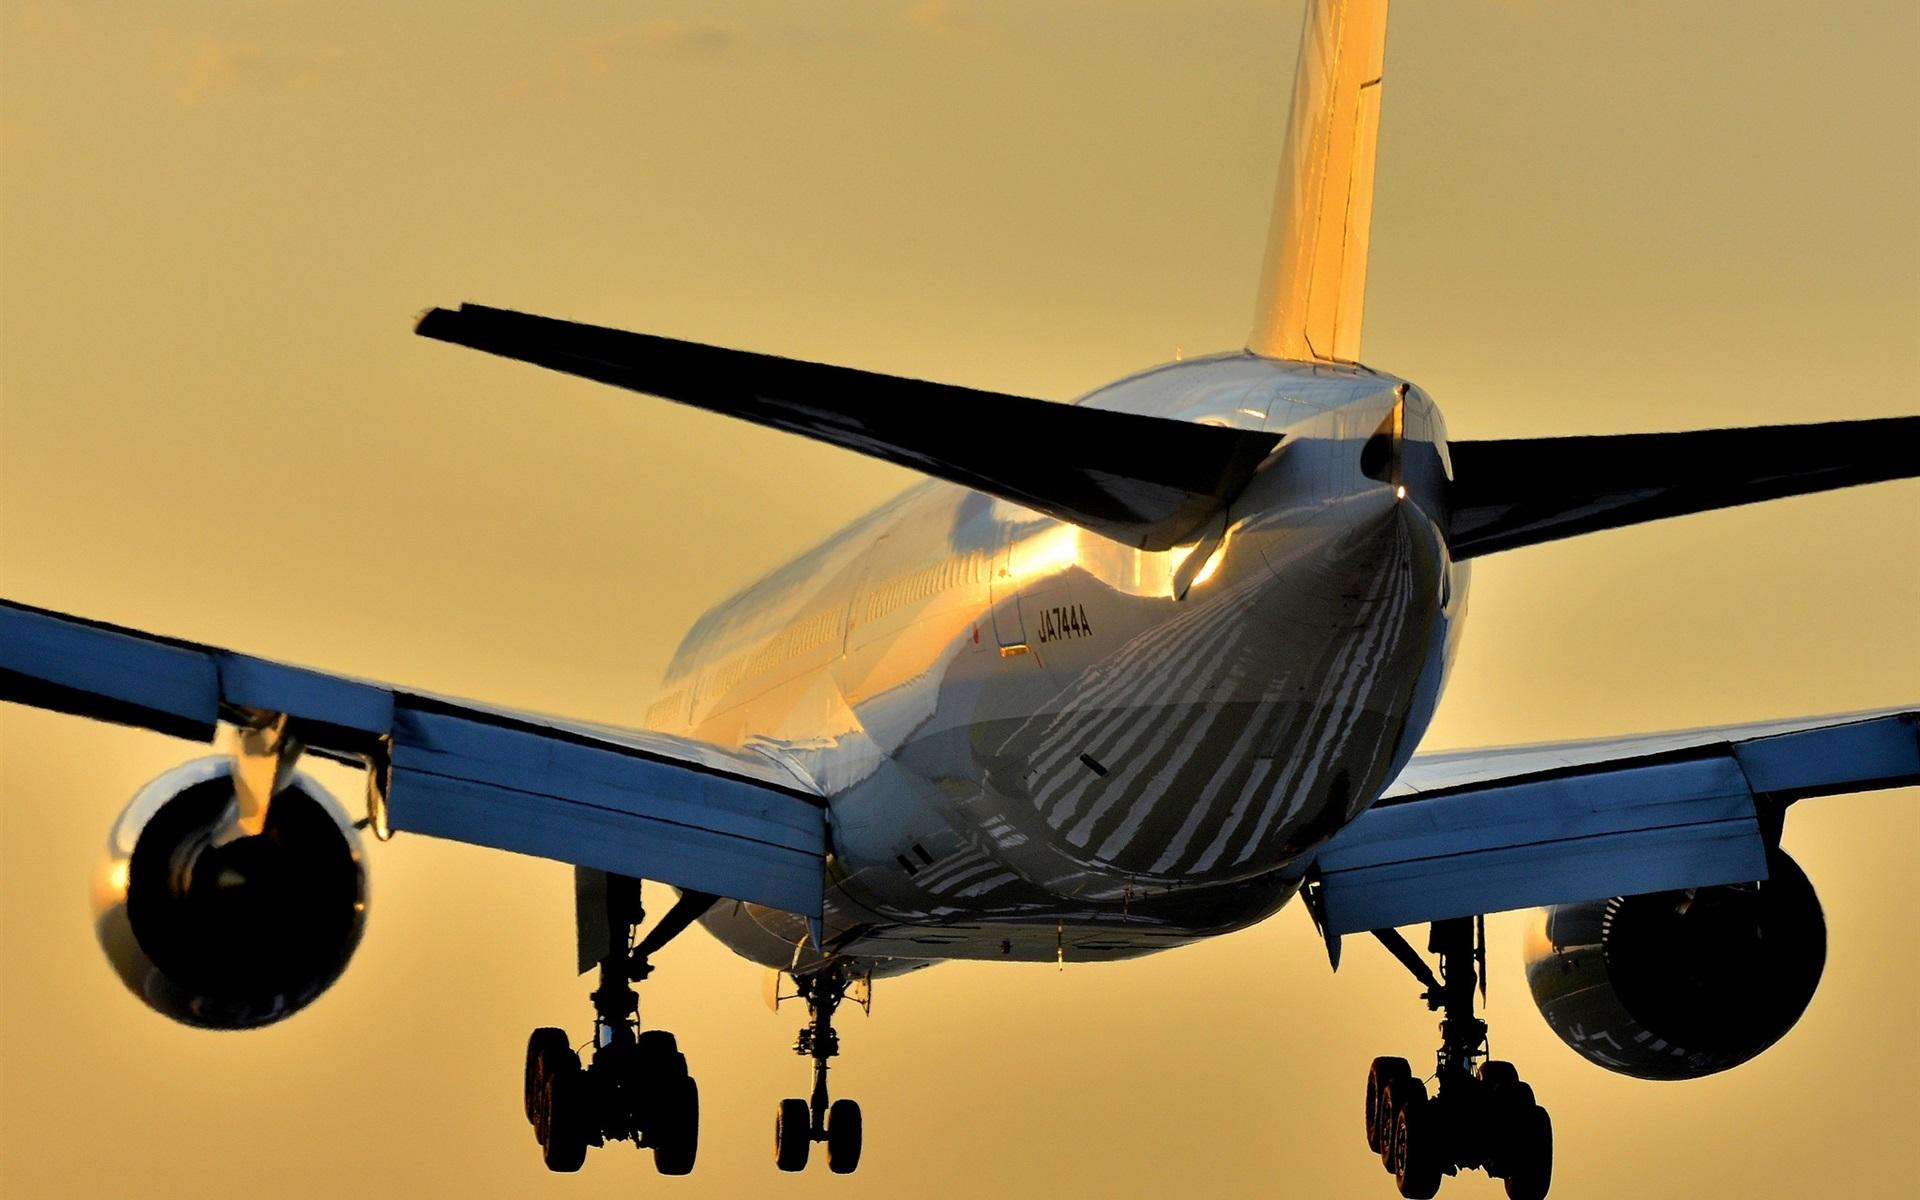 波音777飞机降落 壁纸  波音777飞机降落 桌布 - 1920x1200 当前尺寸